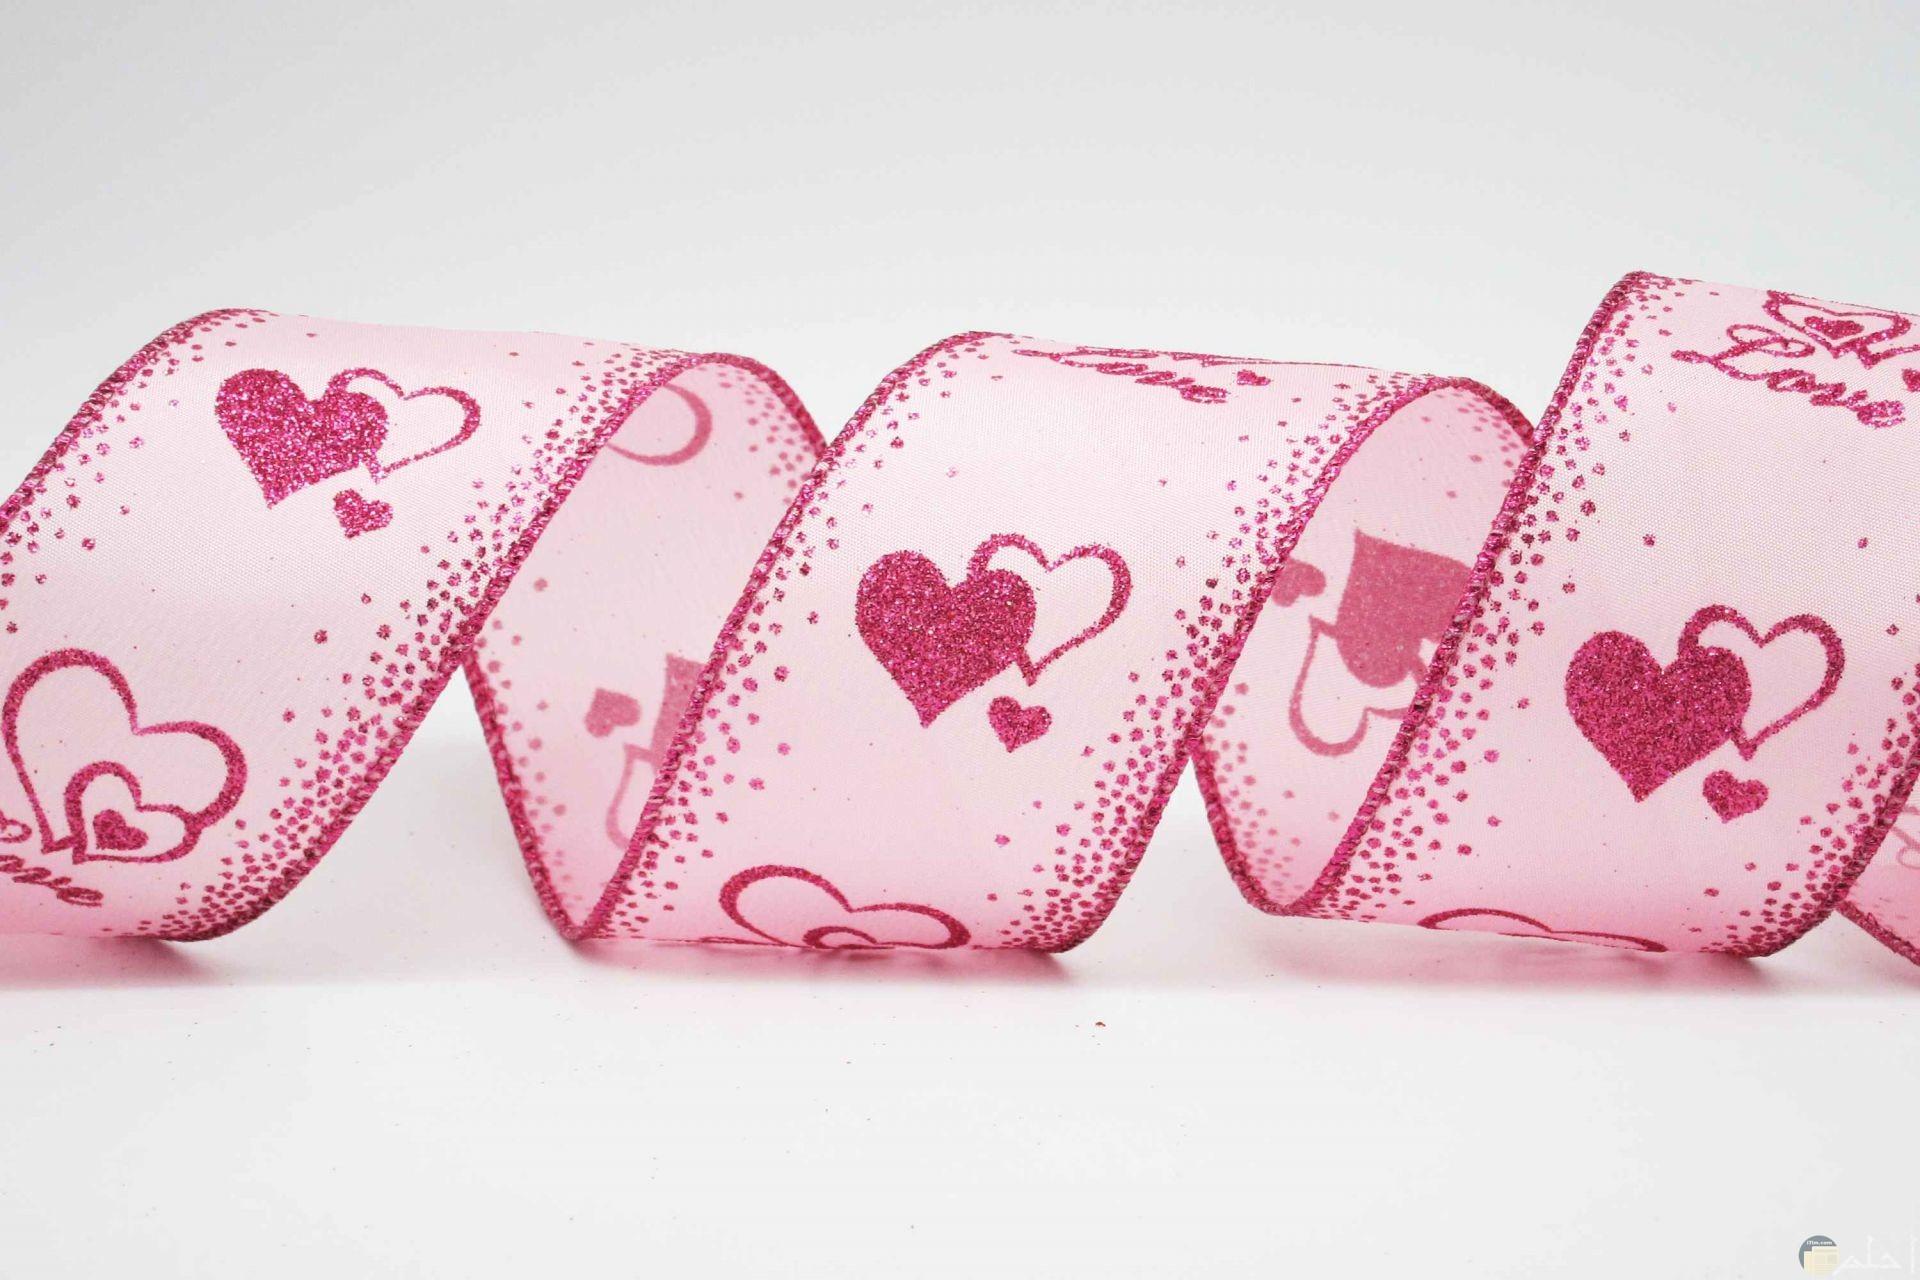 قلوب وردية و جميلة.